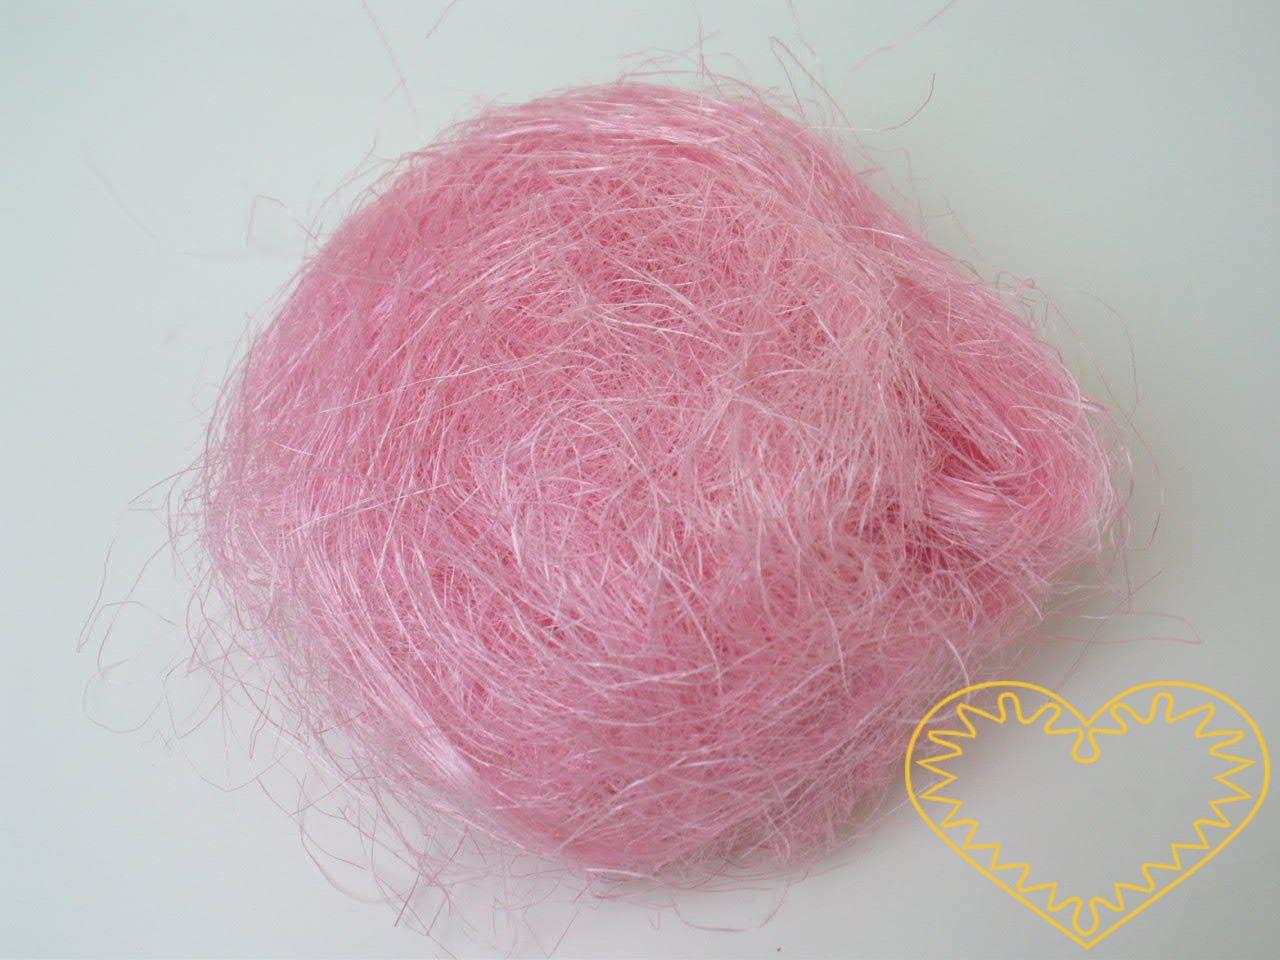 Sisal růžový - 100 g (kokosové vlákno). Barvené kokosové vlákno, vhodné k dekoraci a aranžování živých či sušených květin, či květin z twist artu. Možno využít i jako vrchní výplň květináčů apod.